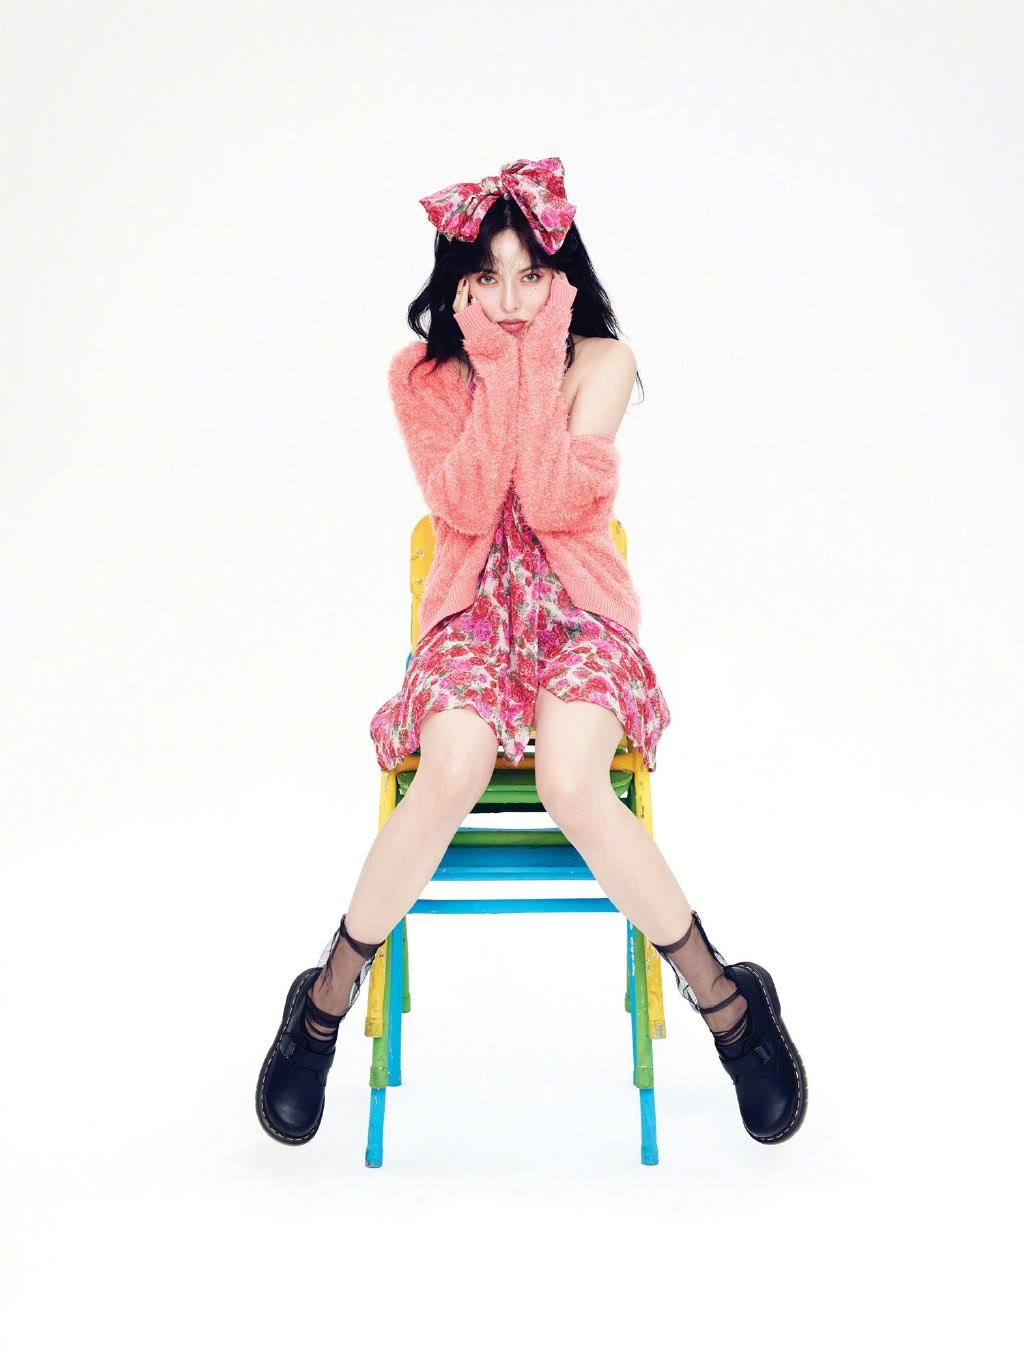 金泫雅拍摄大片,连换9套新造型,马丁靴配粉色丝袜太抢镜!